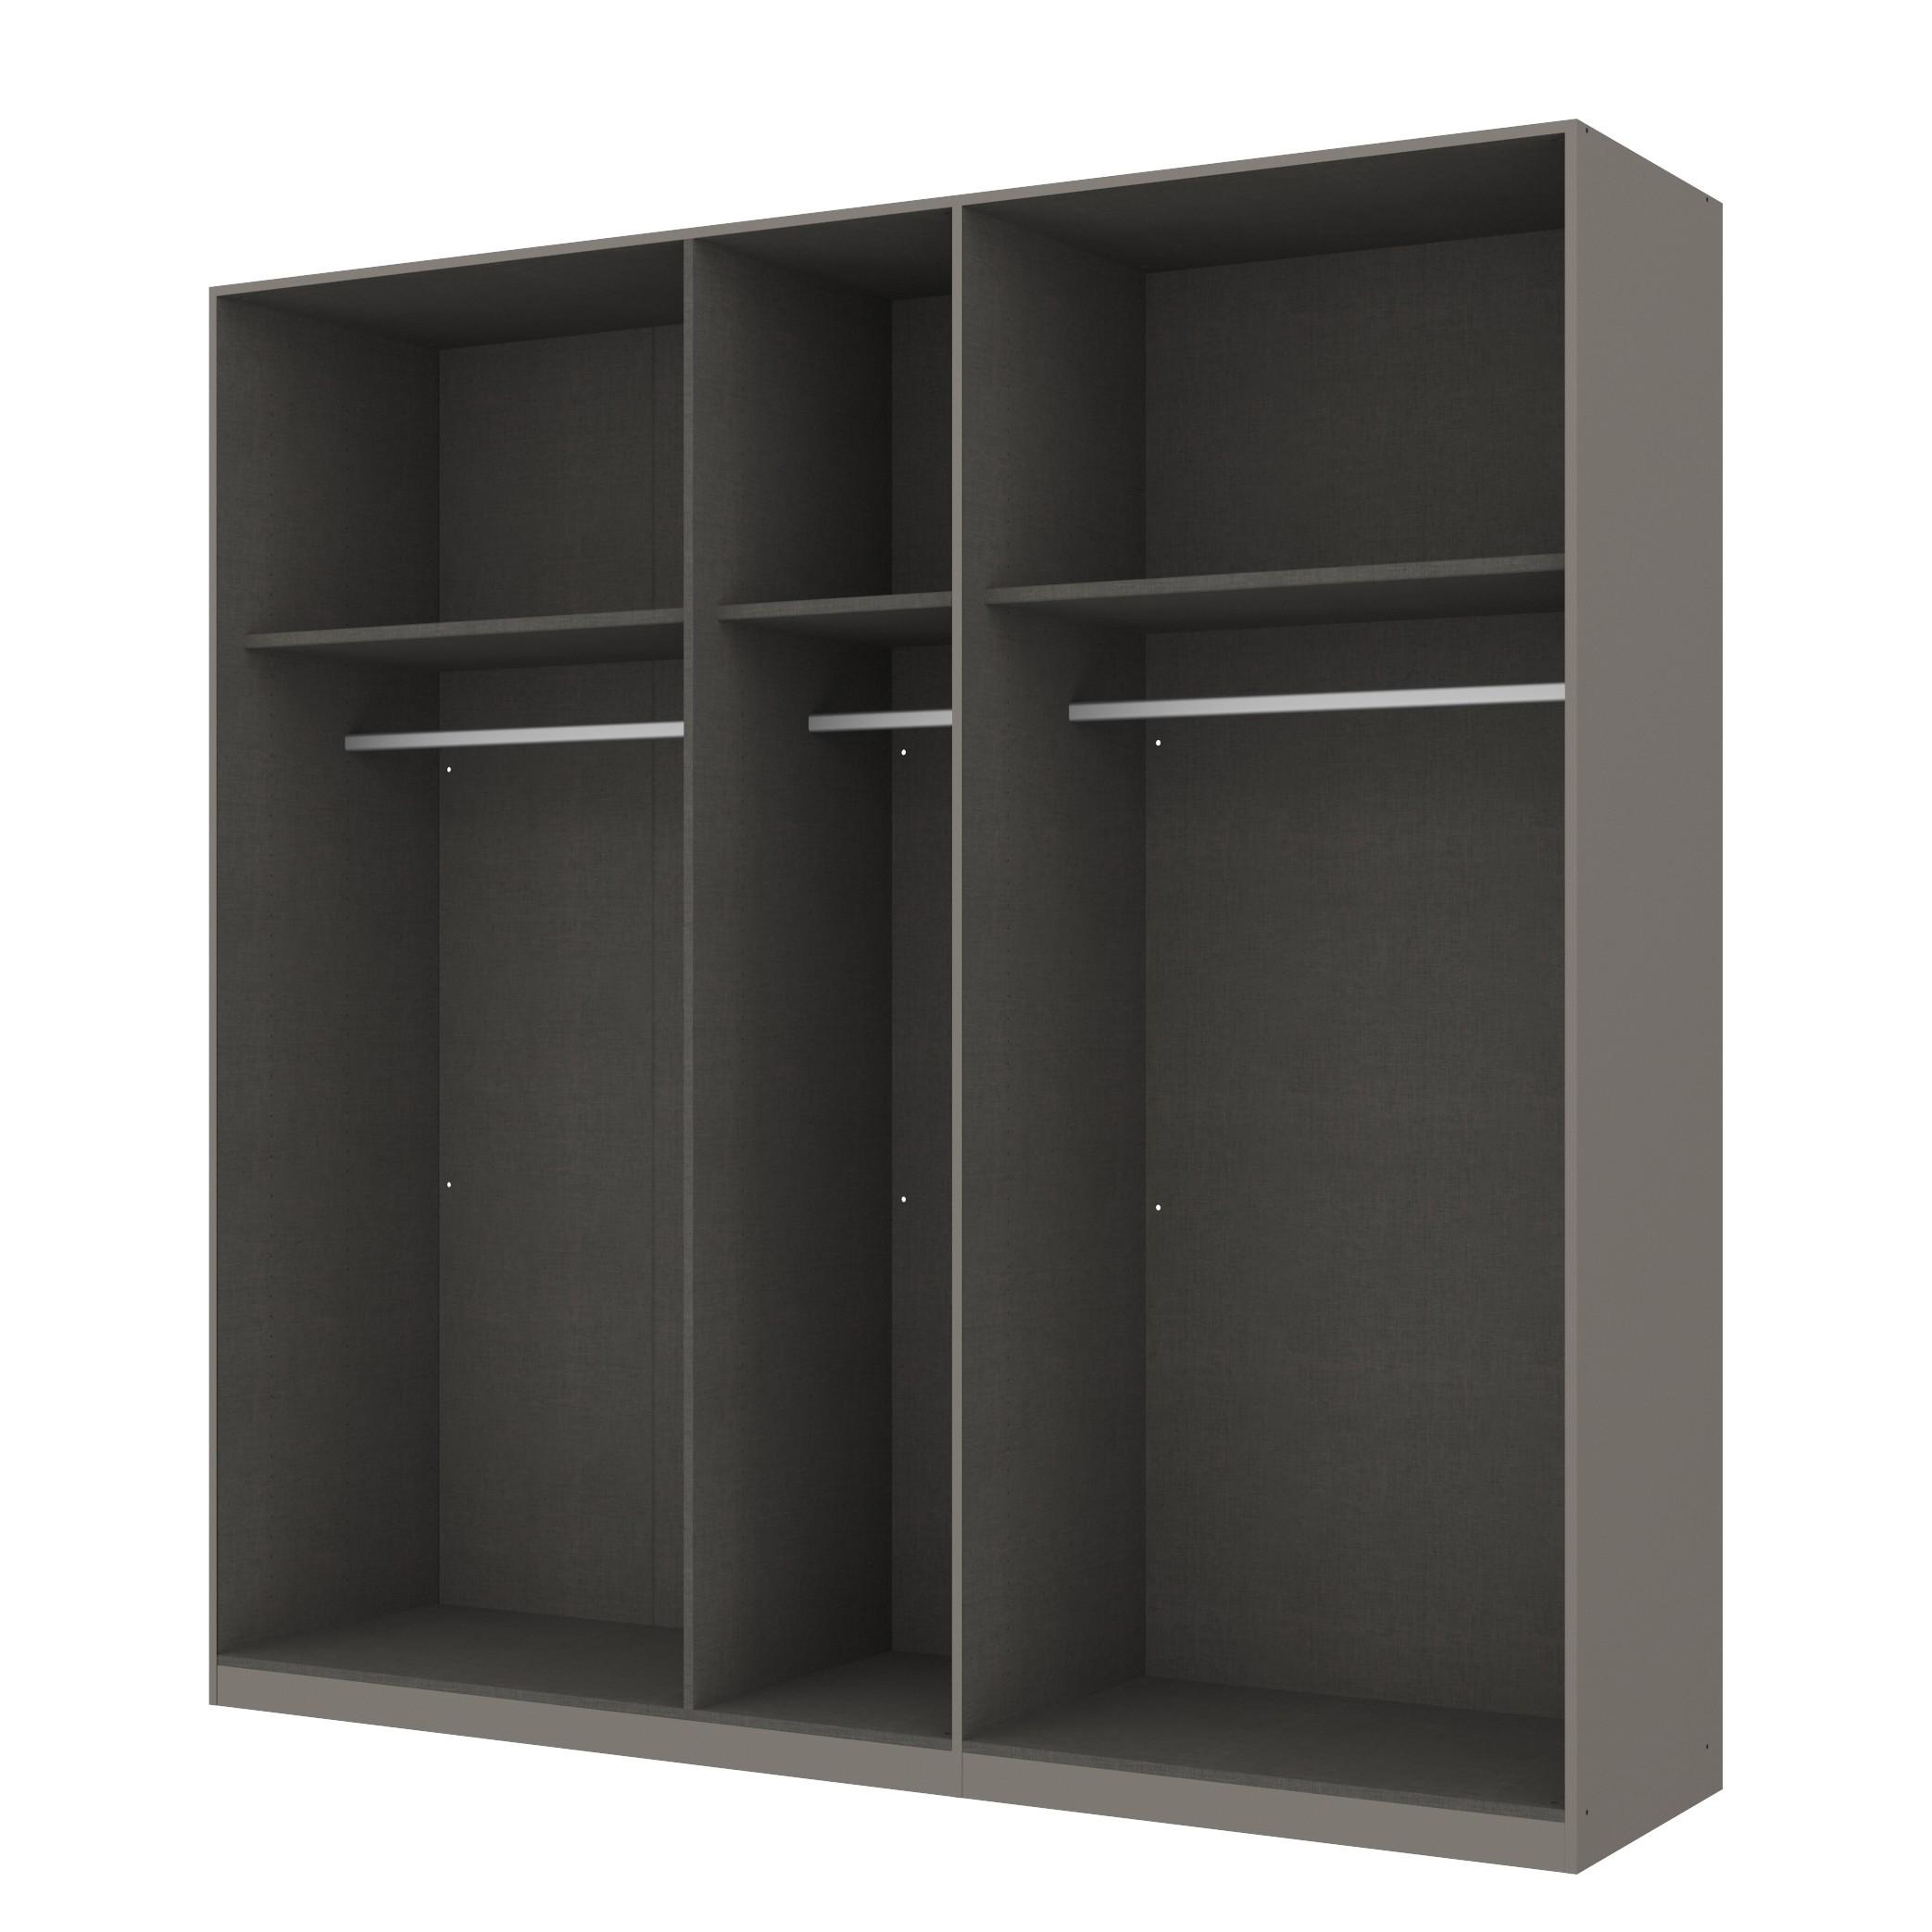 Kleiderschrank SKØP - Graphit/ Offen - 225 cm (5-türig) - 222 cm - Classic